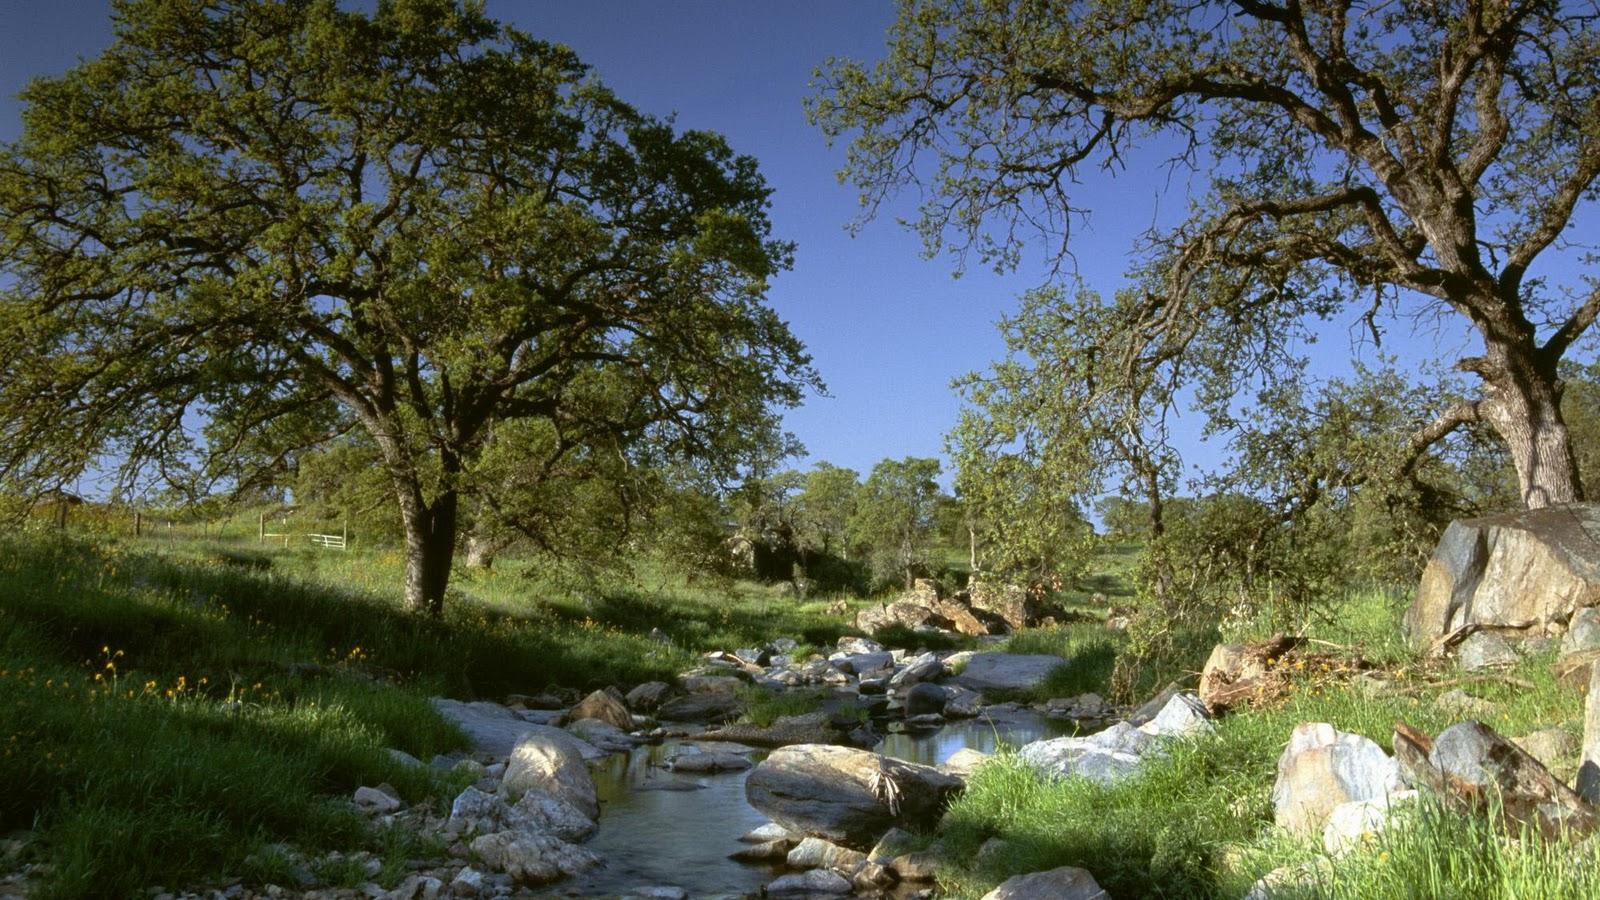 http://4.bp.blogspot.com/_vTQcDXfTeUo/TNKJAJk8aaI/AAAAAAAABX4/nuIAeQj2CVc/s1600/Nature+Full+HD+www.freehd.blogspot.com+%28158%29.jpg